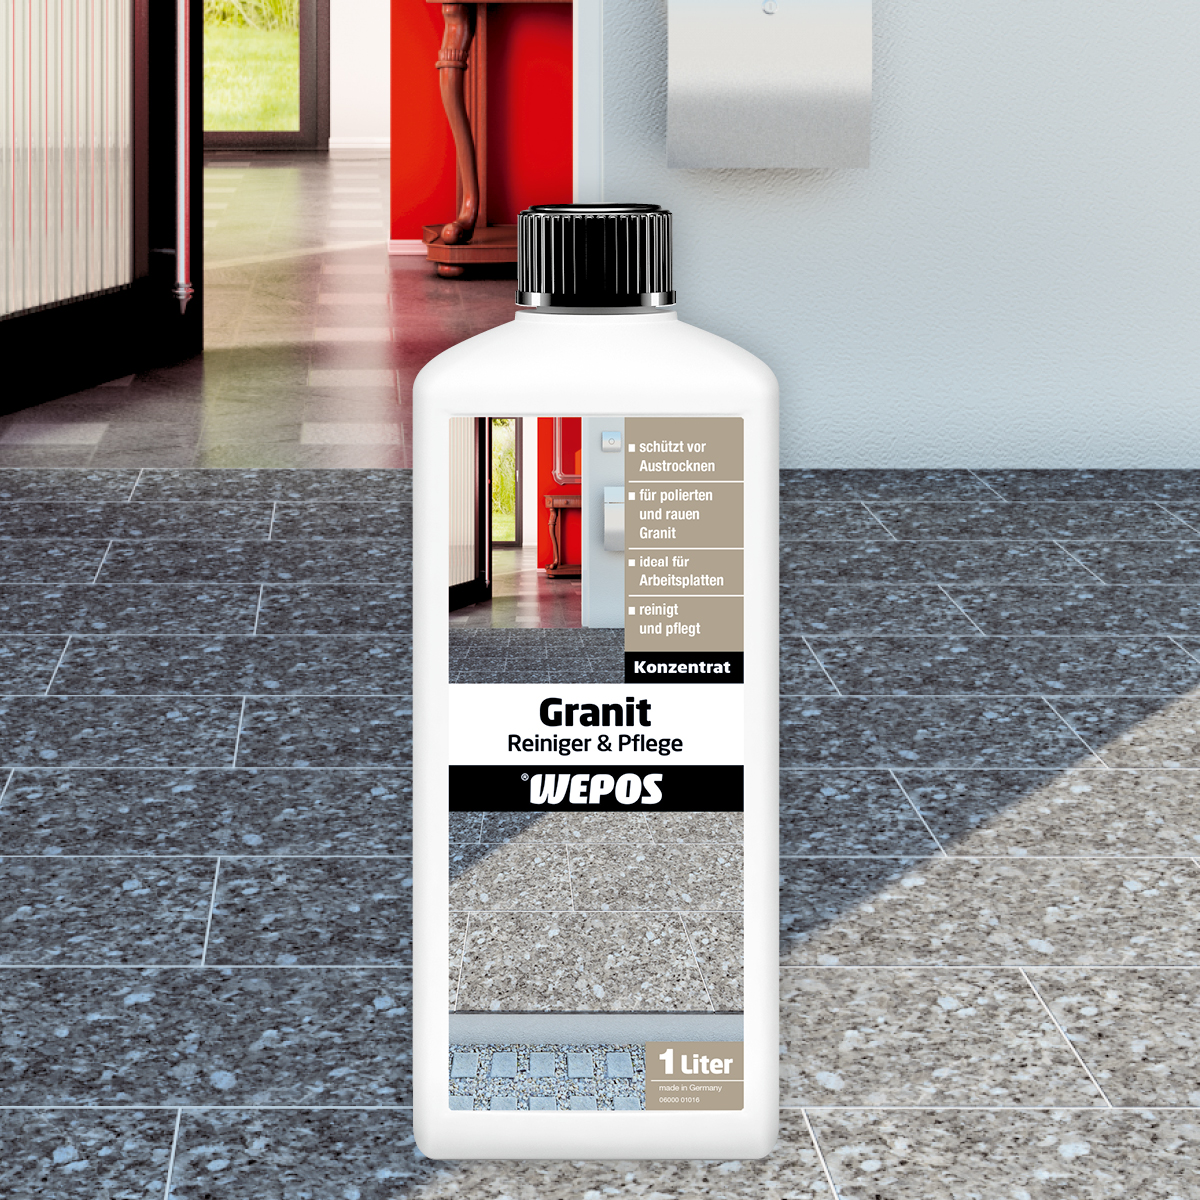 Granit Reiniger & Pflege